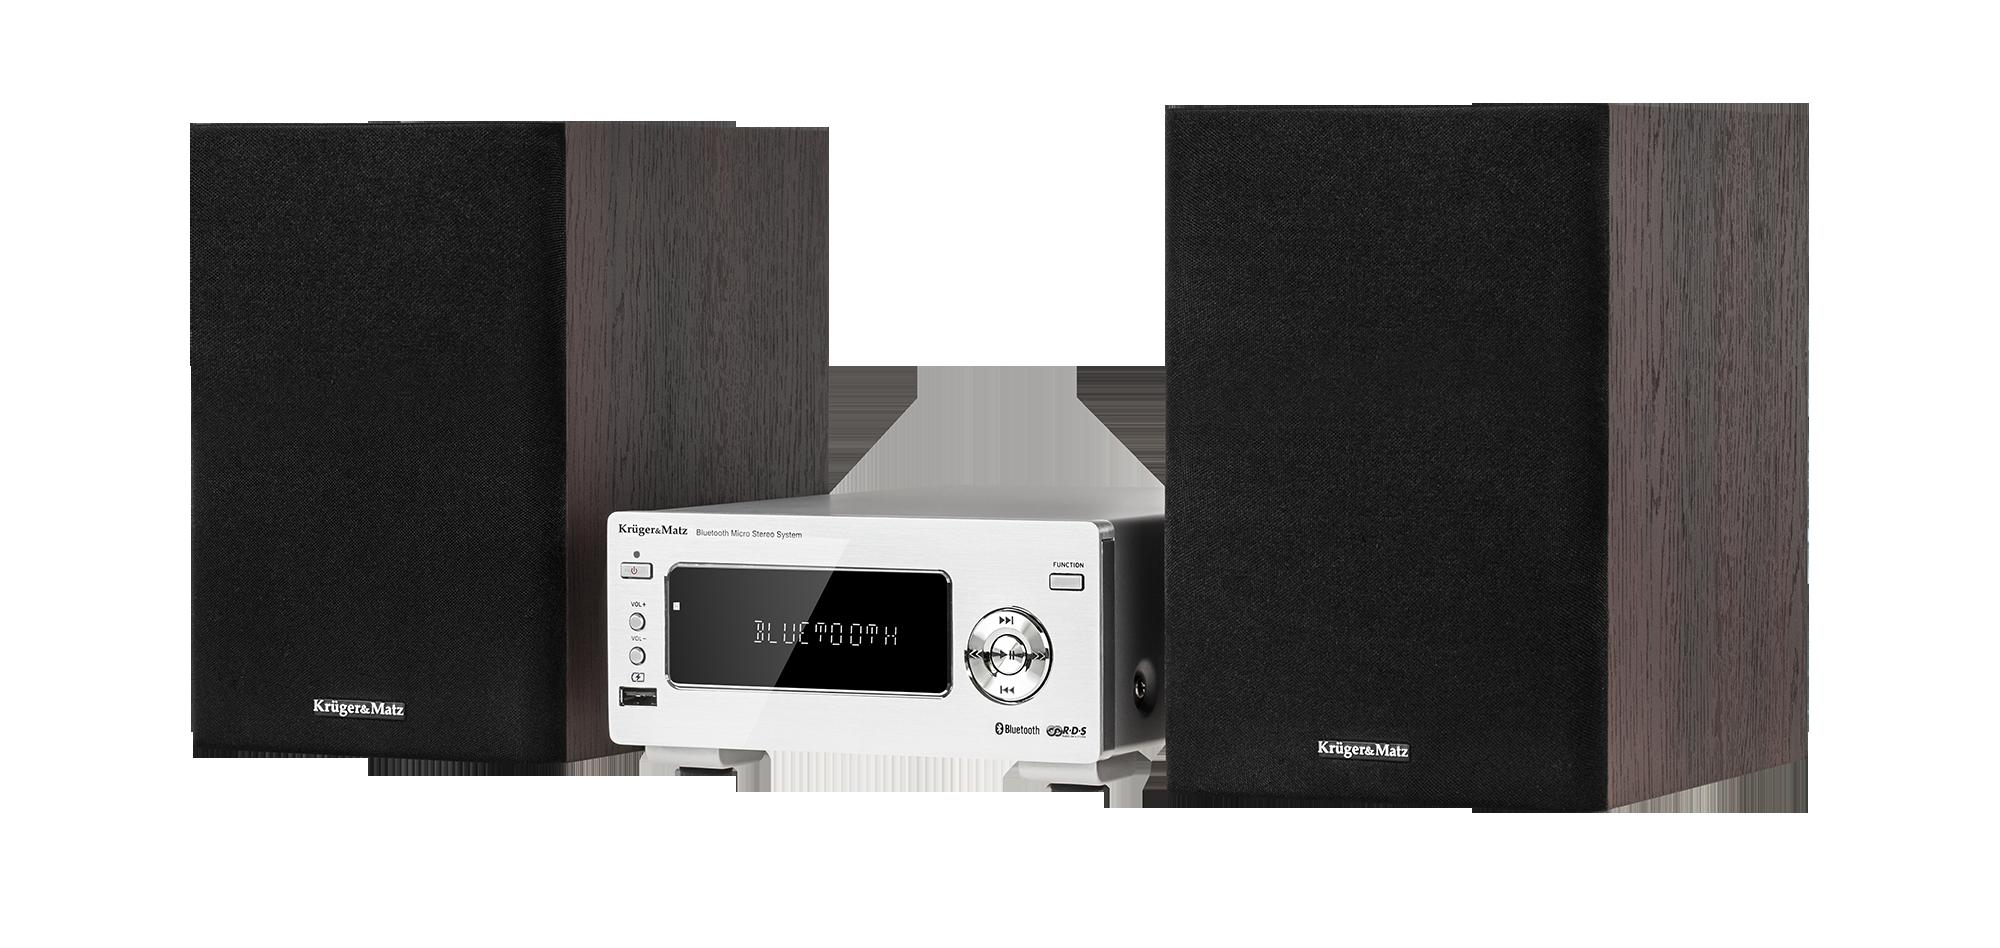 Miniwieża Kruger&Matz KM1663.1, Bluetooth i radiem FM